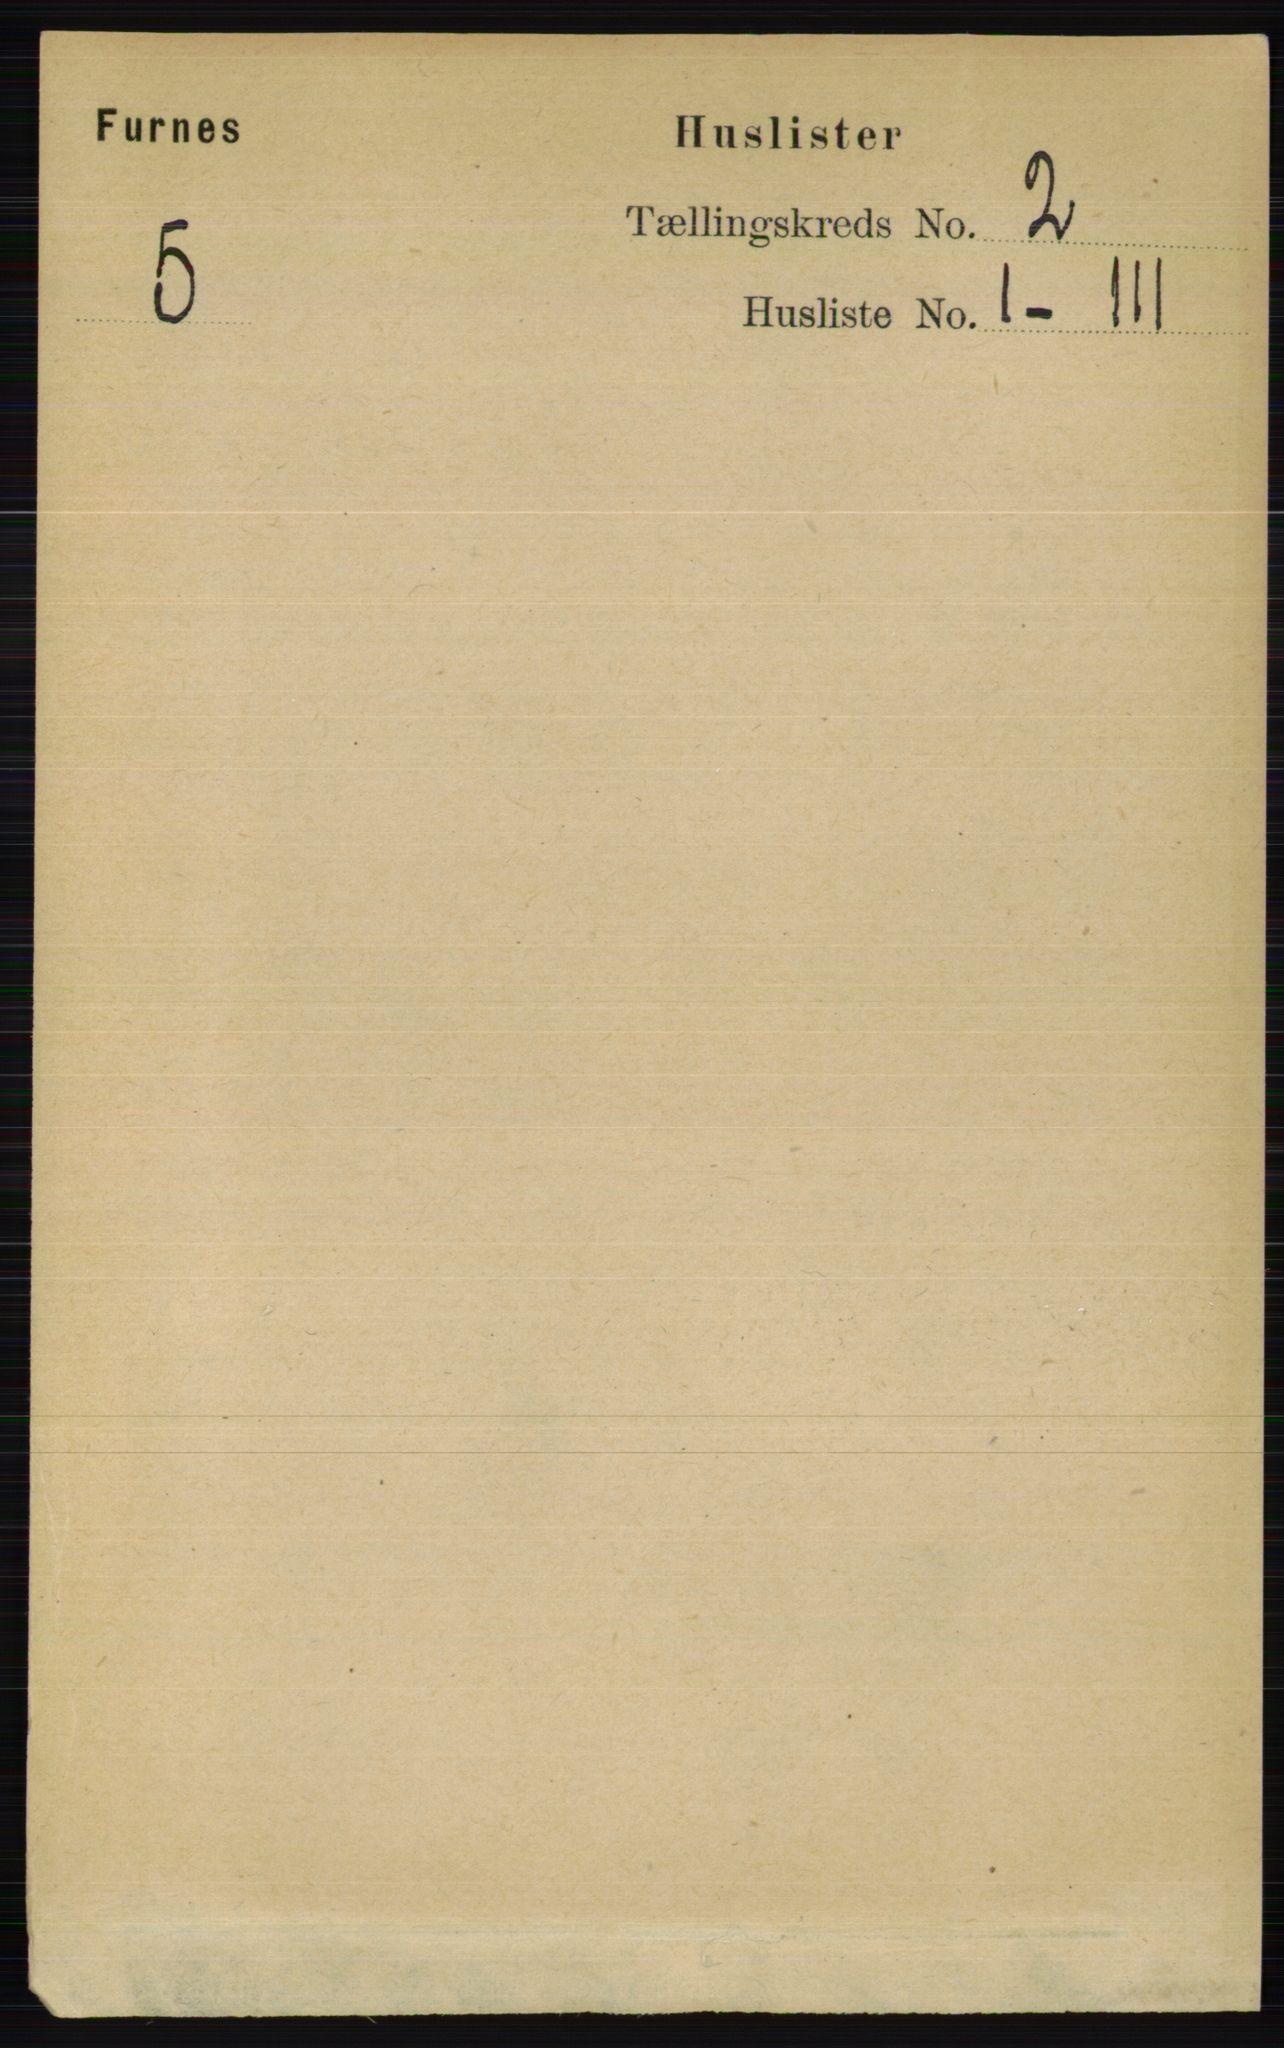 RA, Folketelling 1891 for 0413 Furnes herred, 1891, s. 729